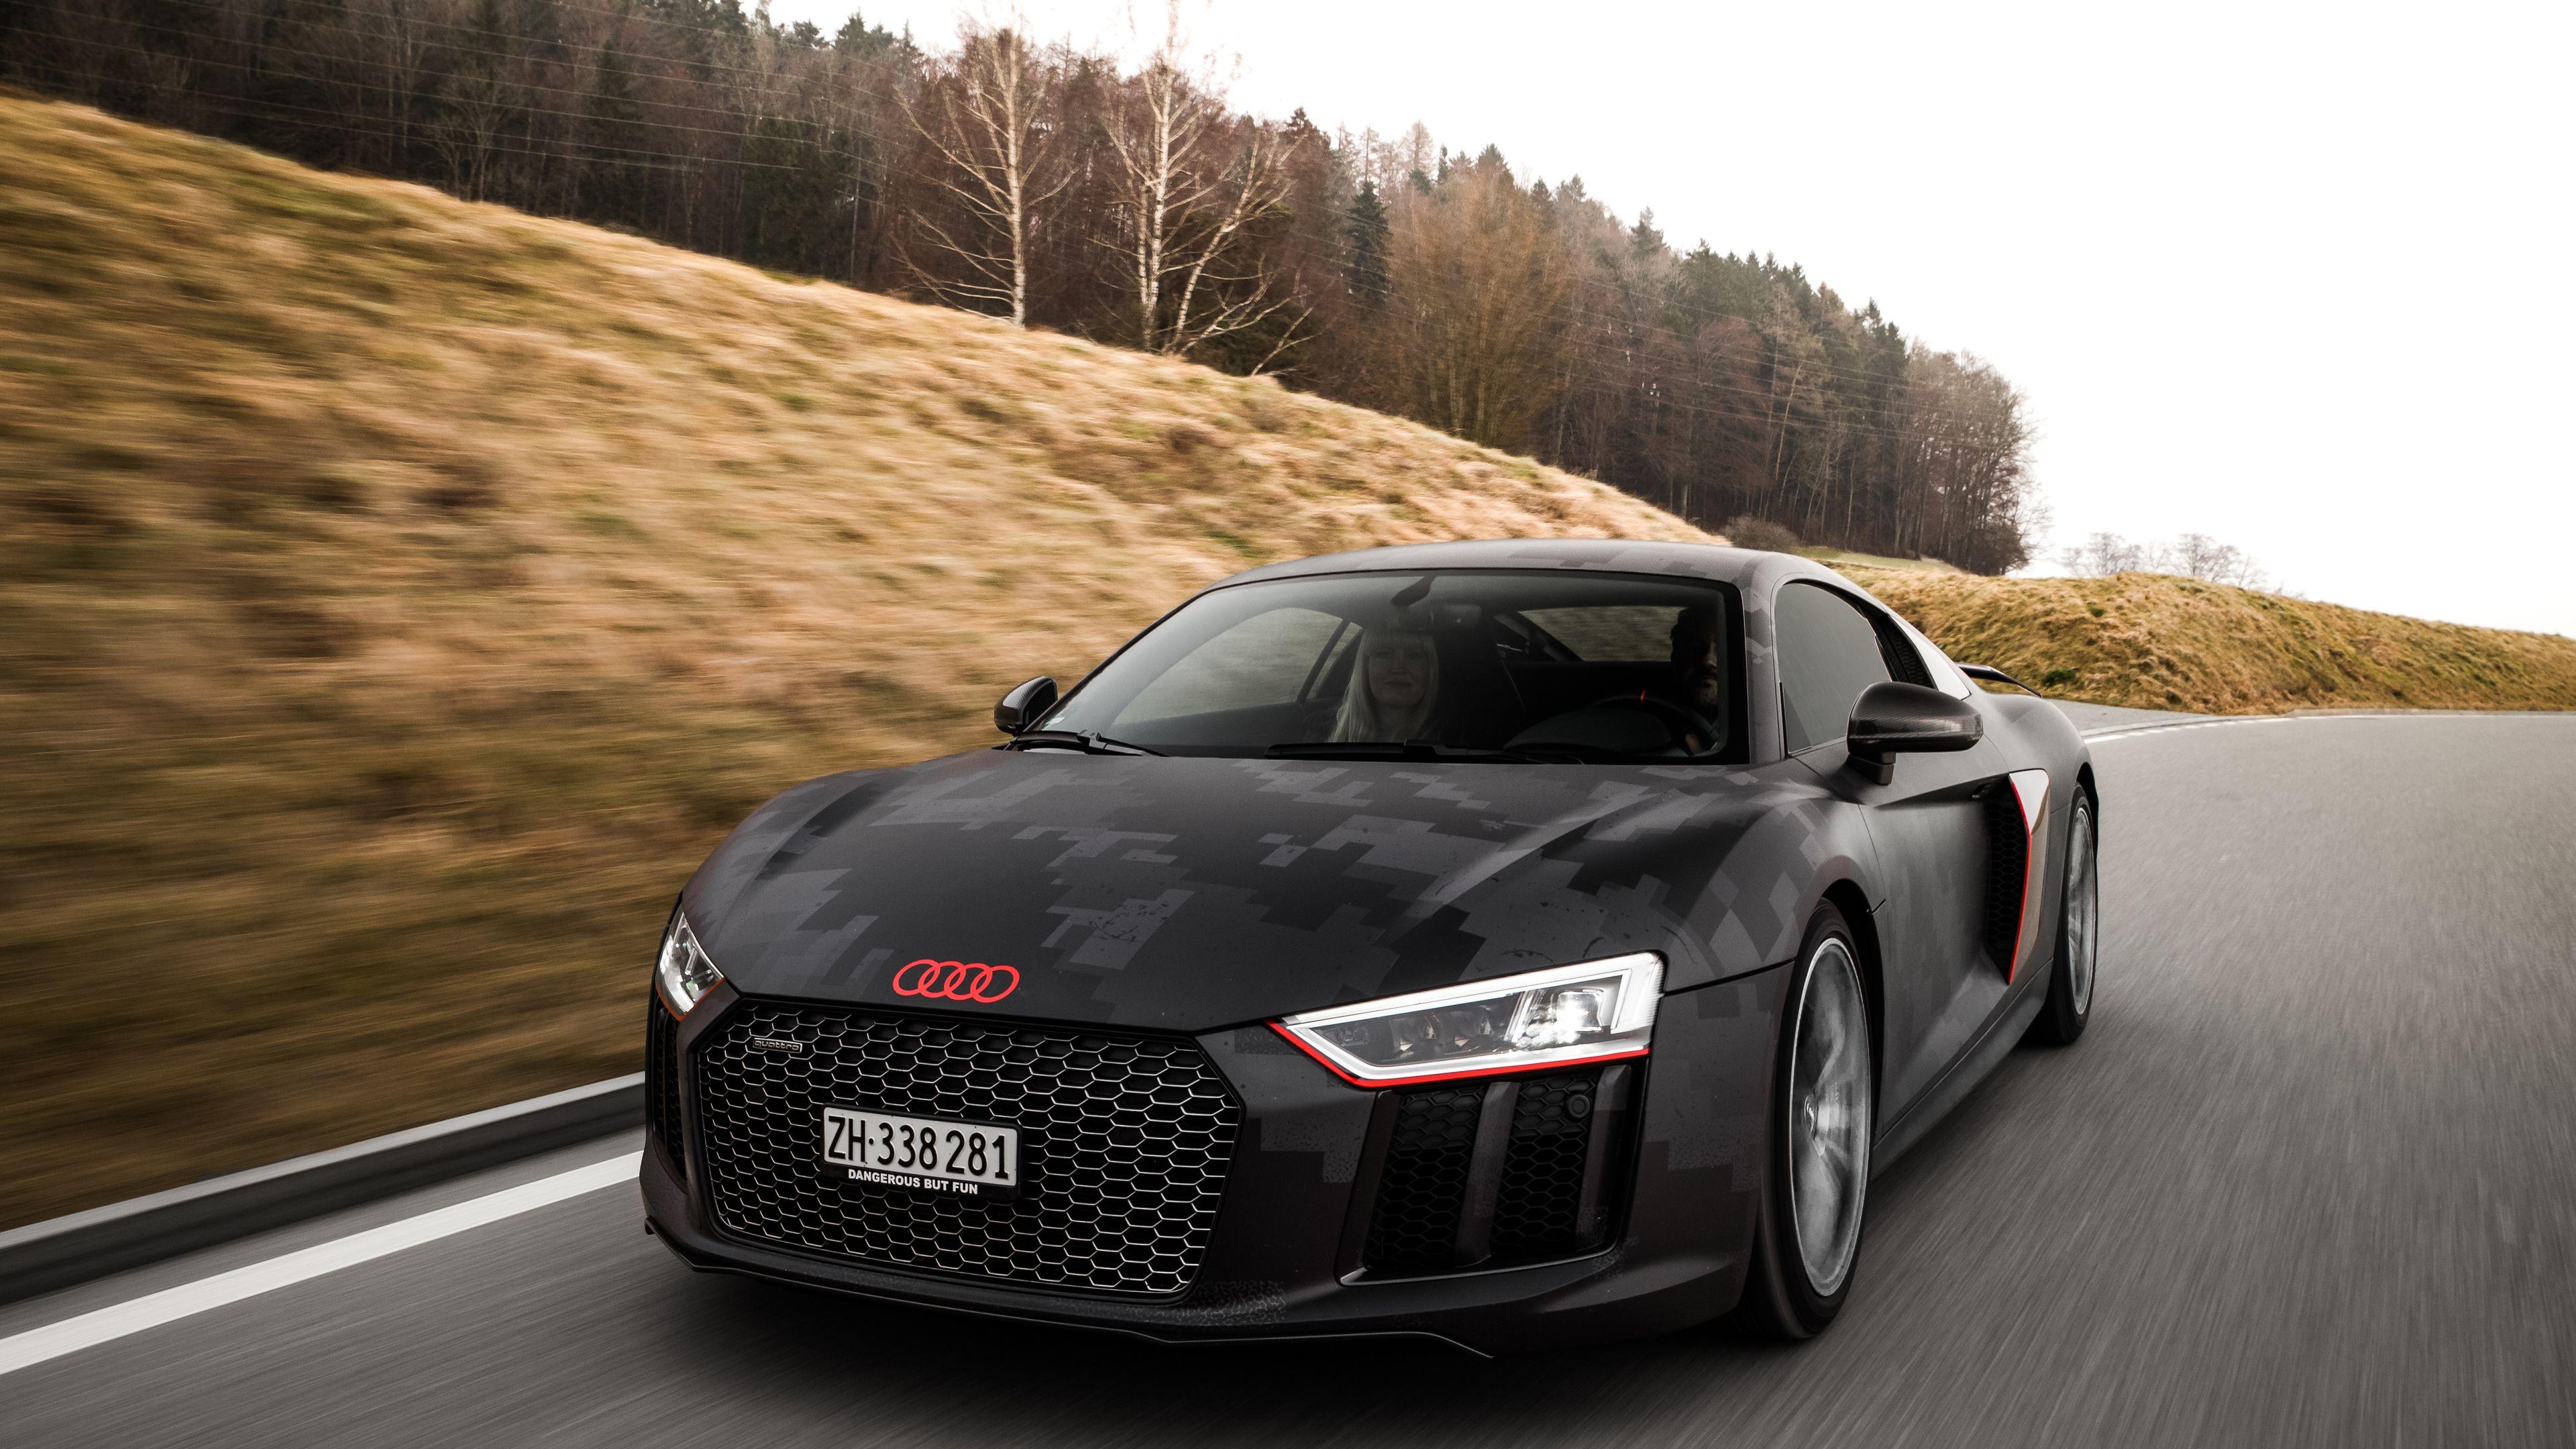 Audi R8 Car Hd Wallpaper Download